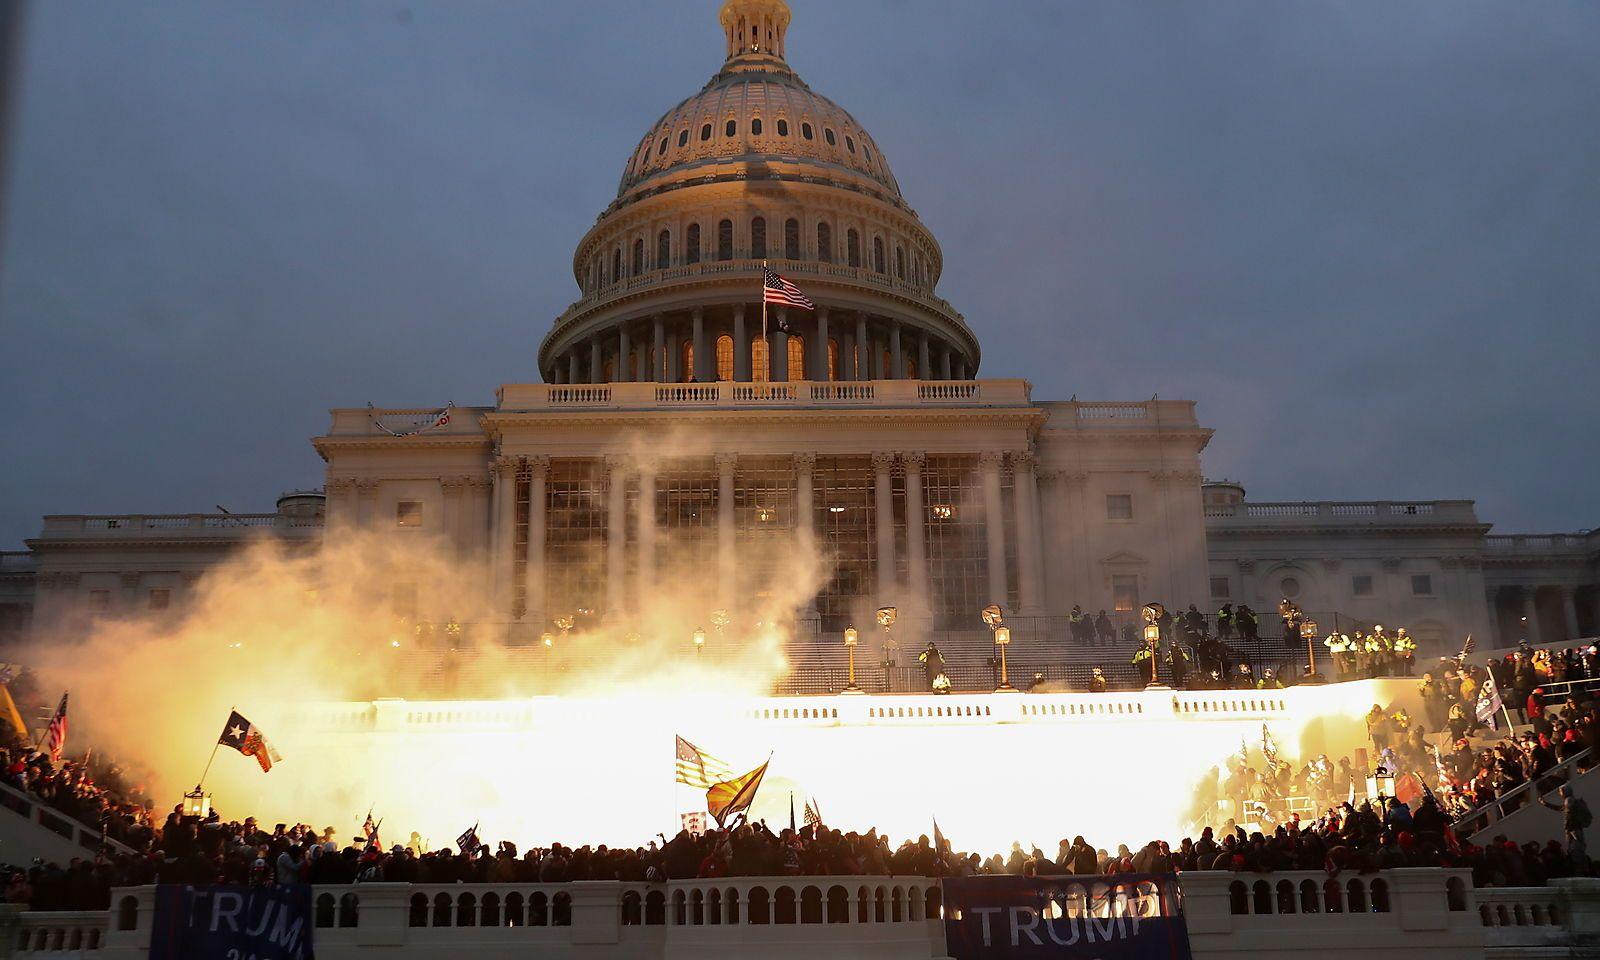 Le reazioni del mondo dell'arte al tentativo di colpo di stato a Washington e all'ipocrisia della polizia